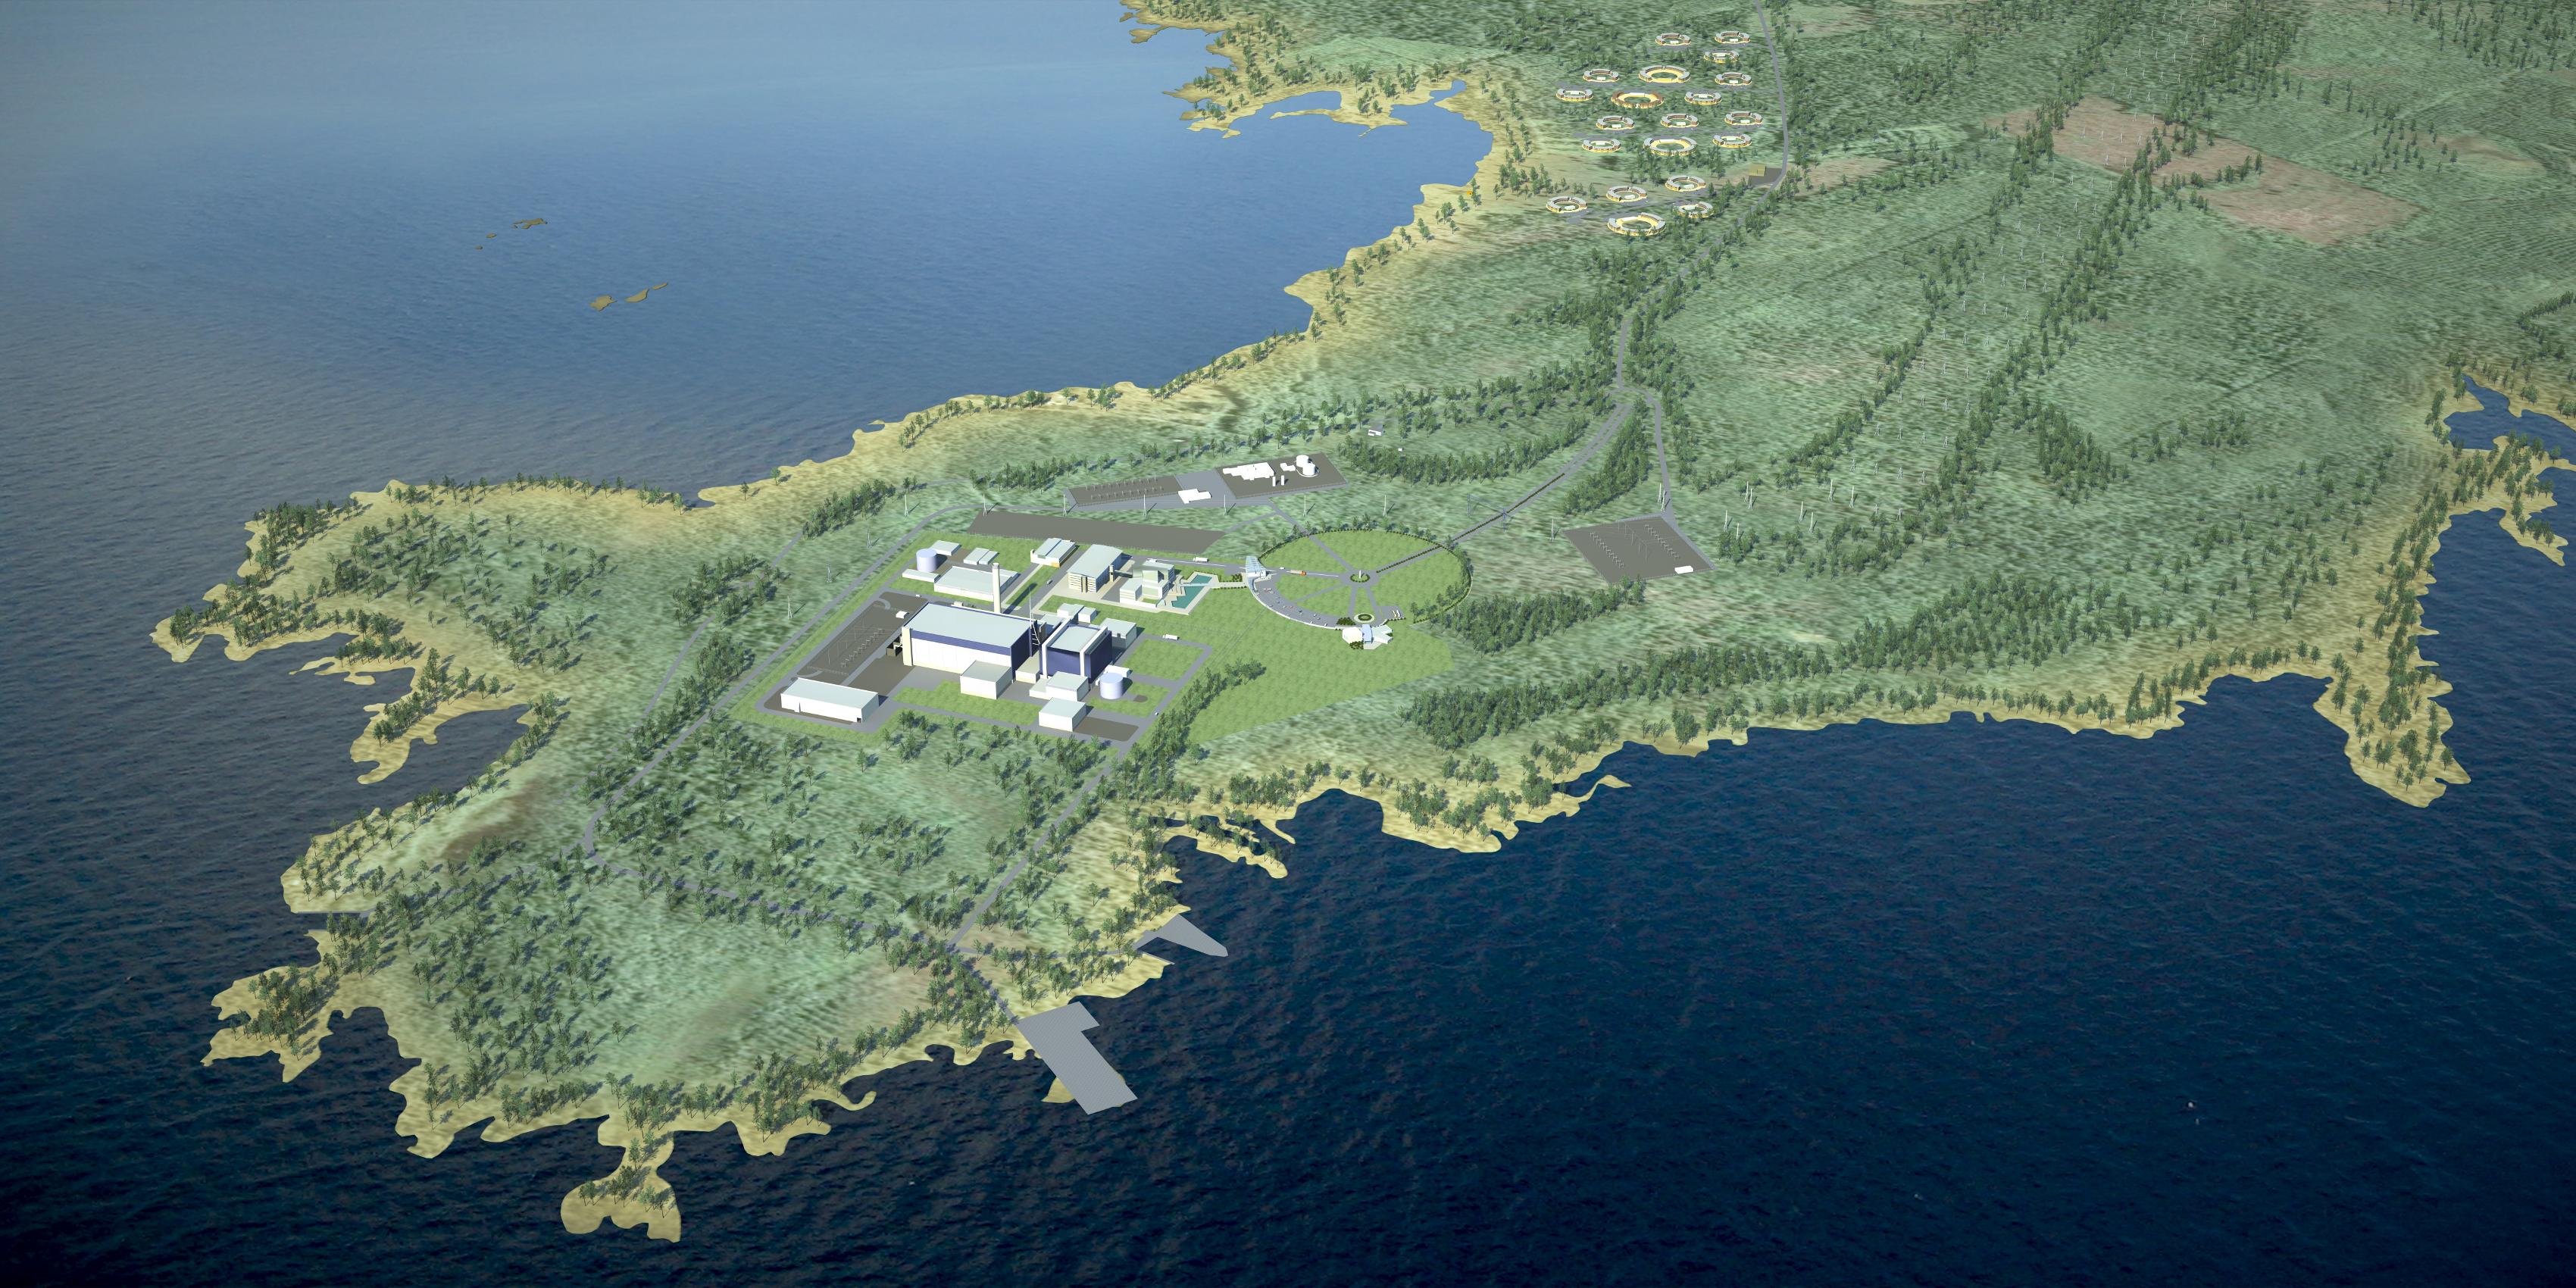 Zahájení výstavby prvního bloku JE Hanhikivi se očekává v roce 2020